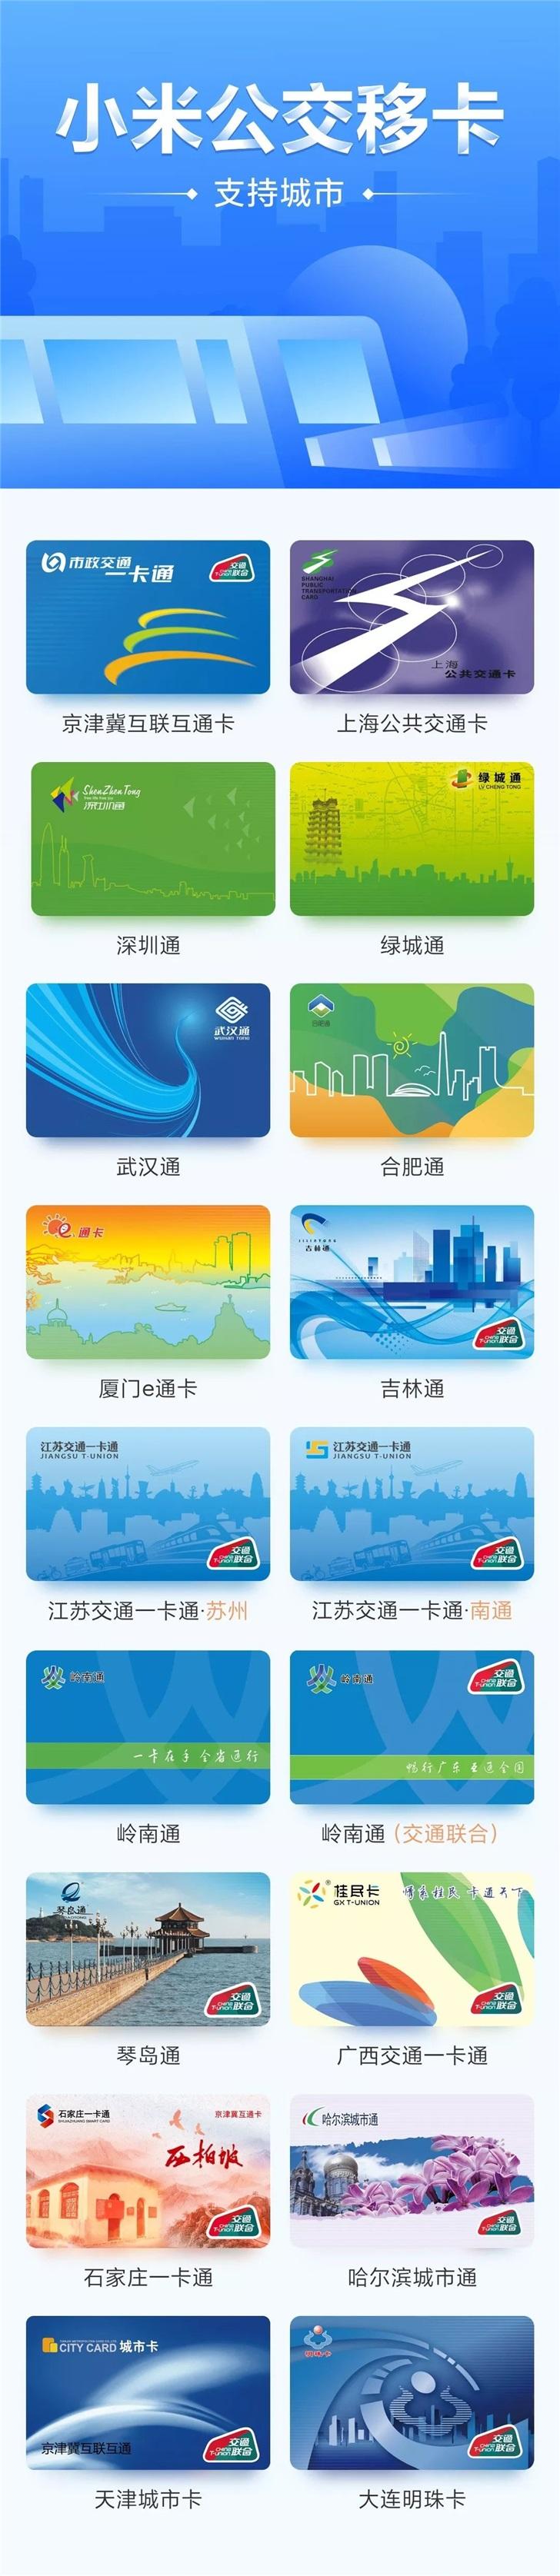 小米公交新增至18张卡片